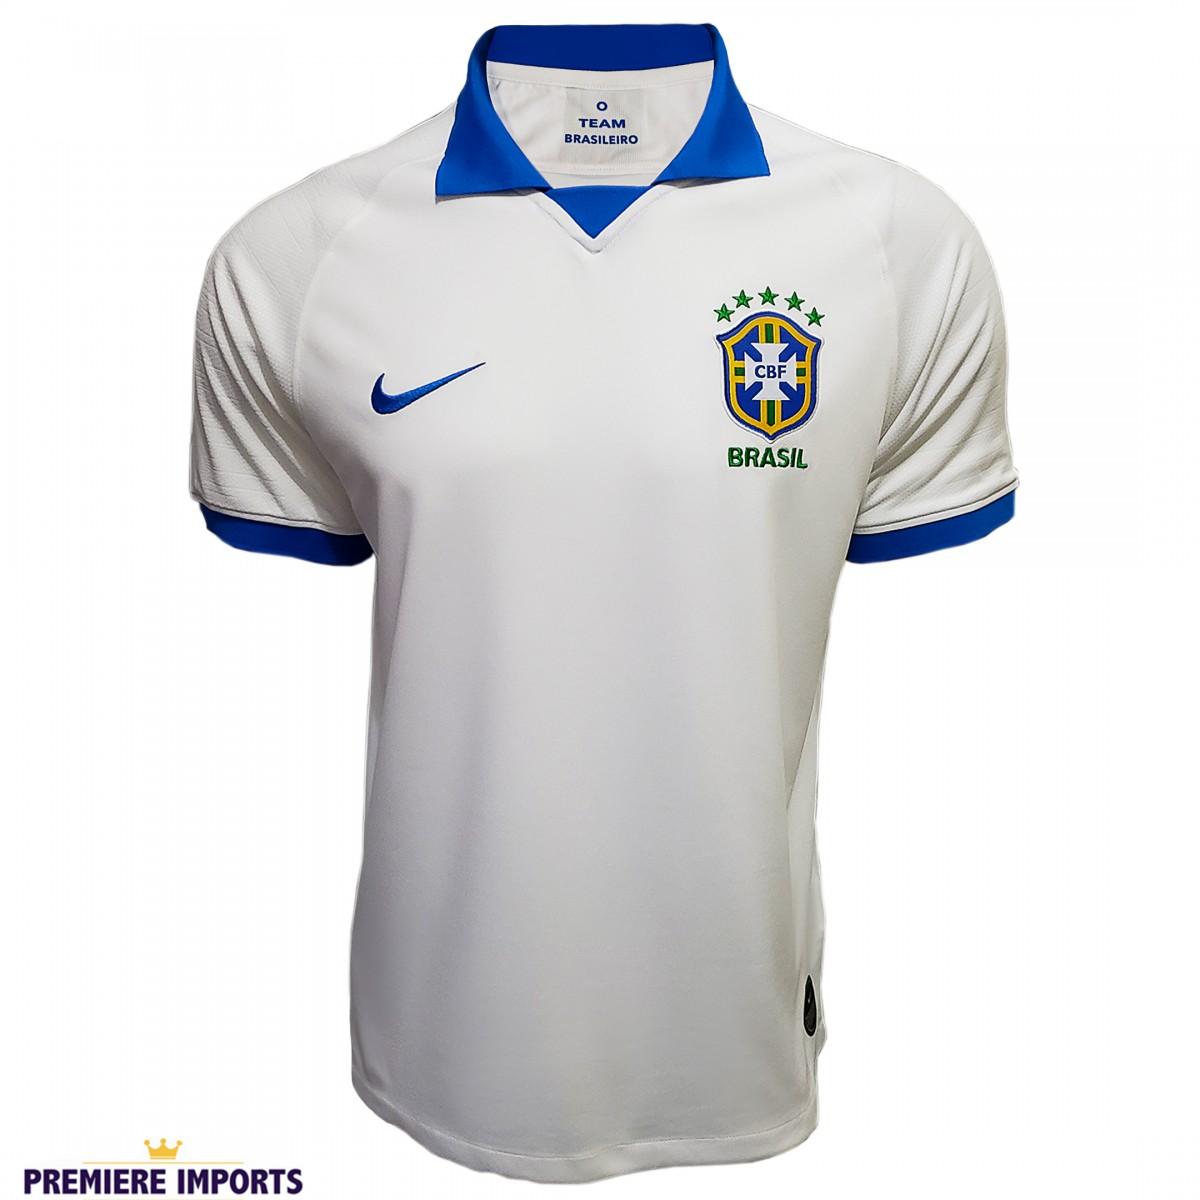 Foto 1 - Camisa Oficial Nike Brasil Comemorativa 2019